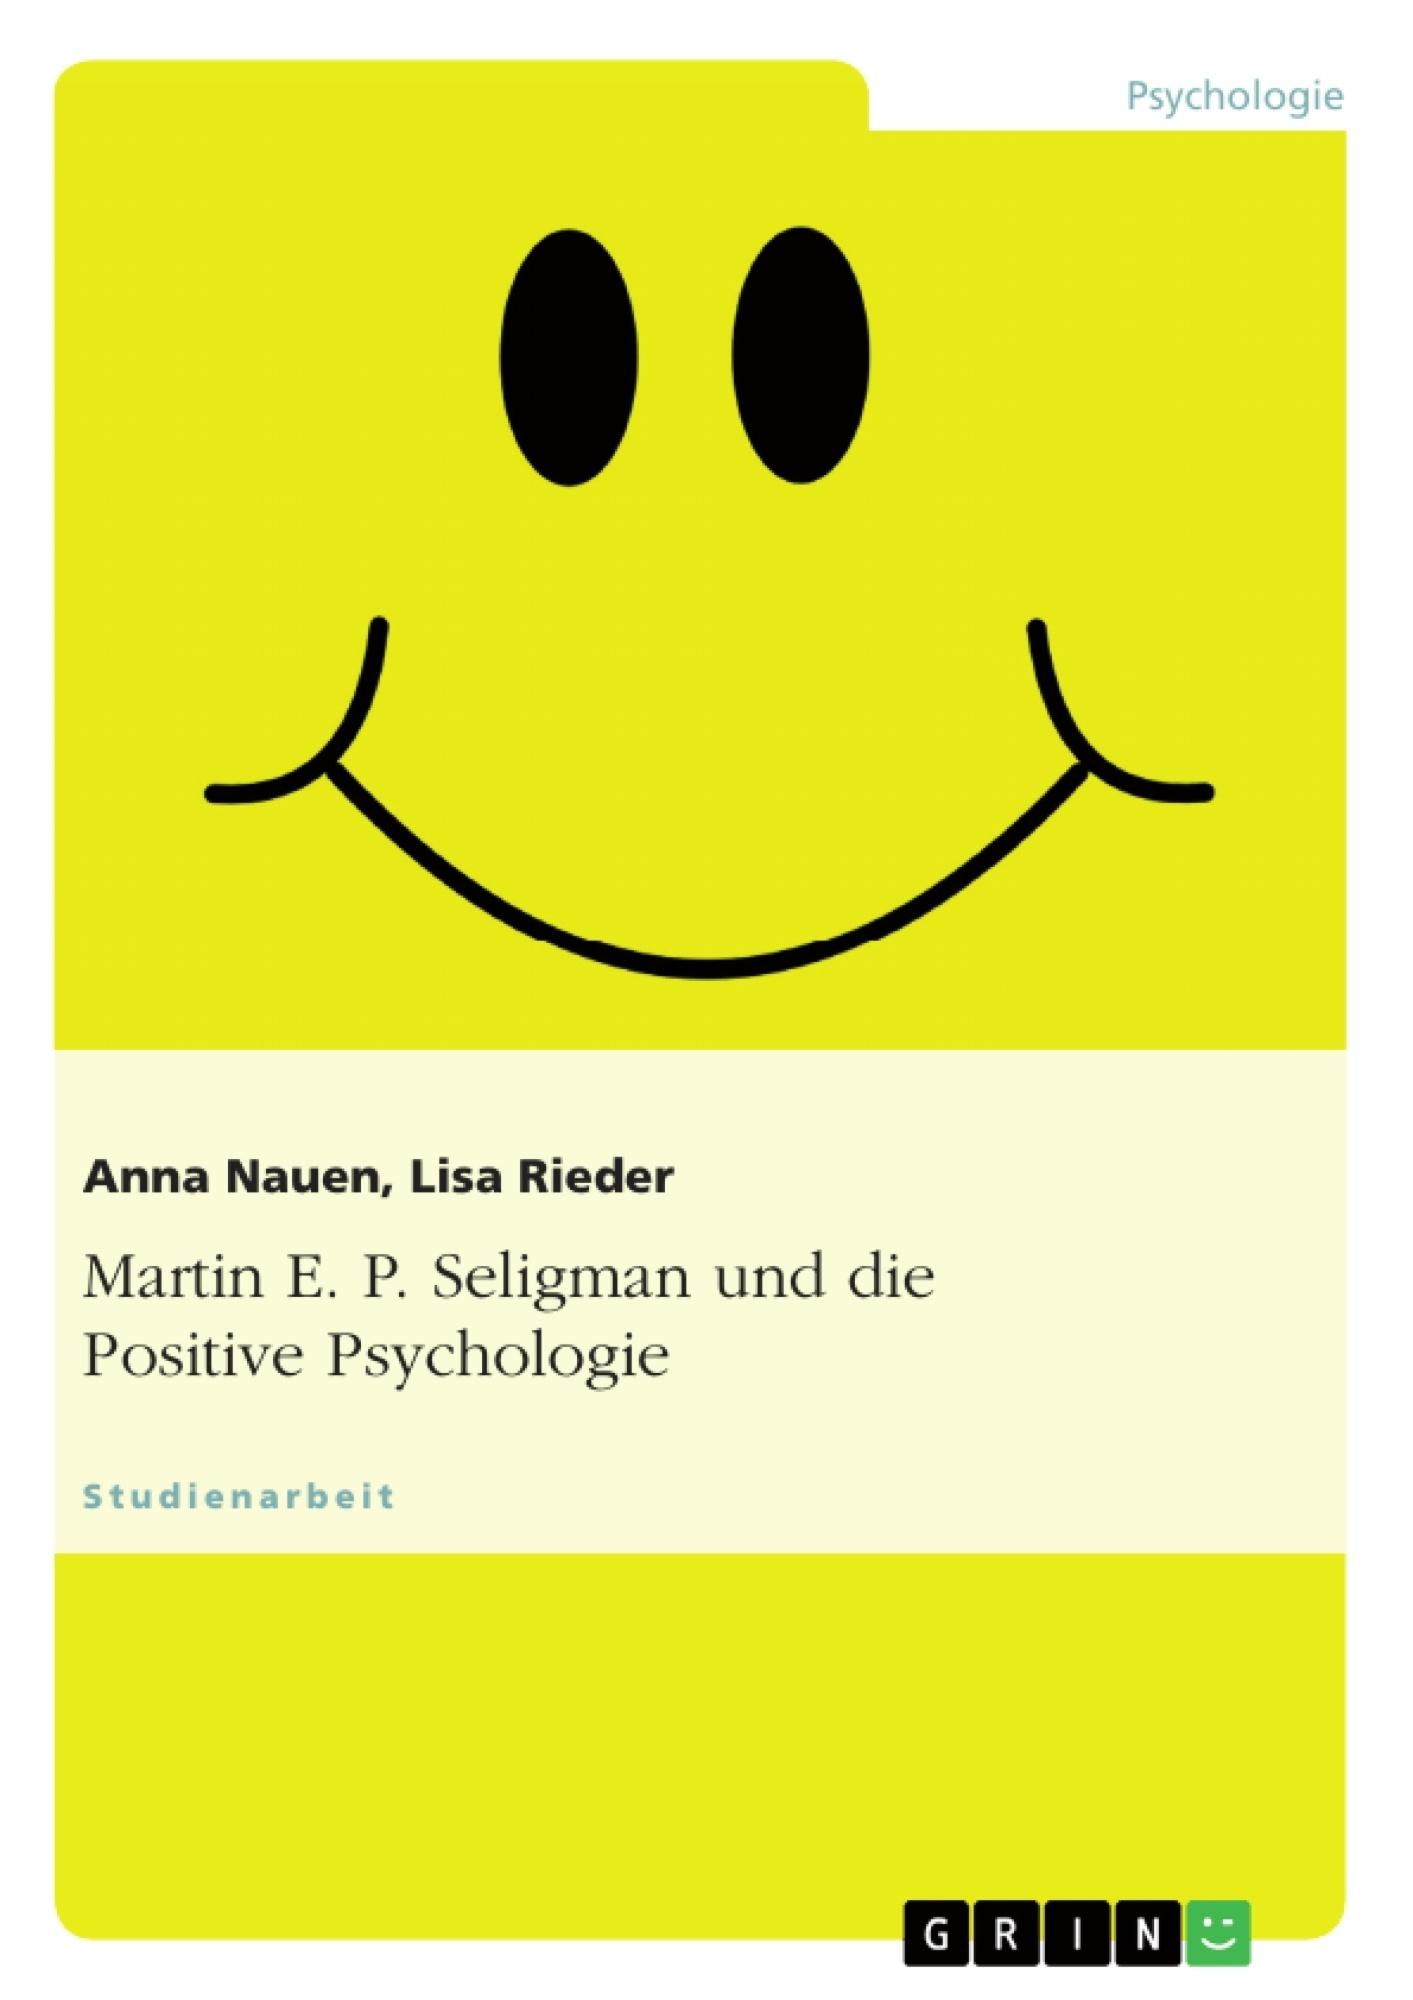 Titel: Martin E. P. Seligman und die Positive Psychologie